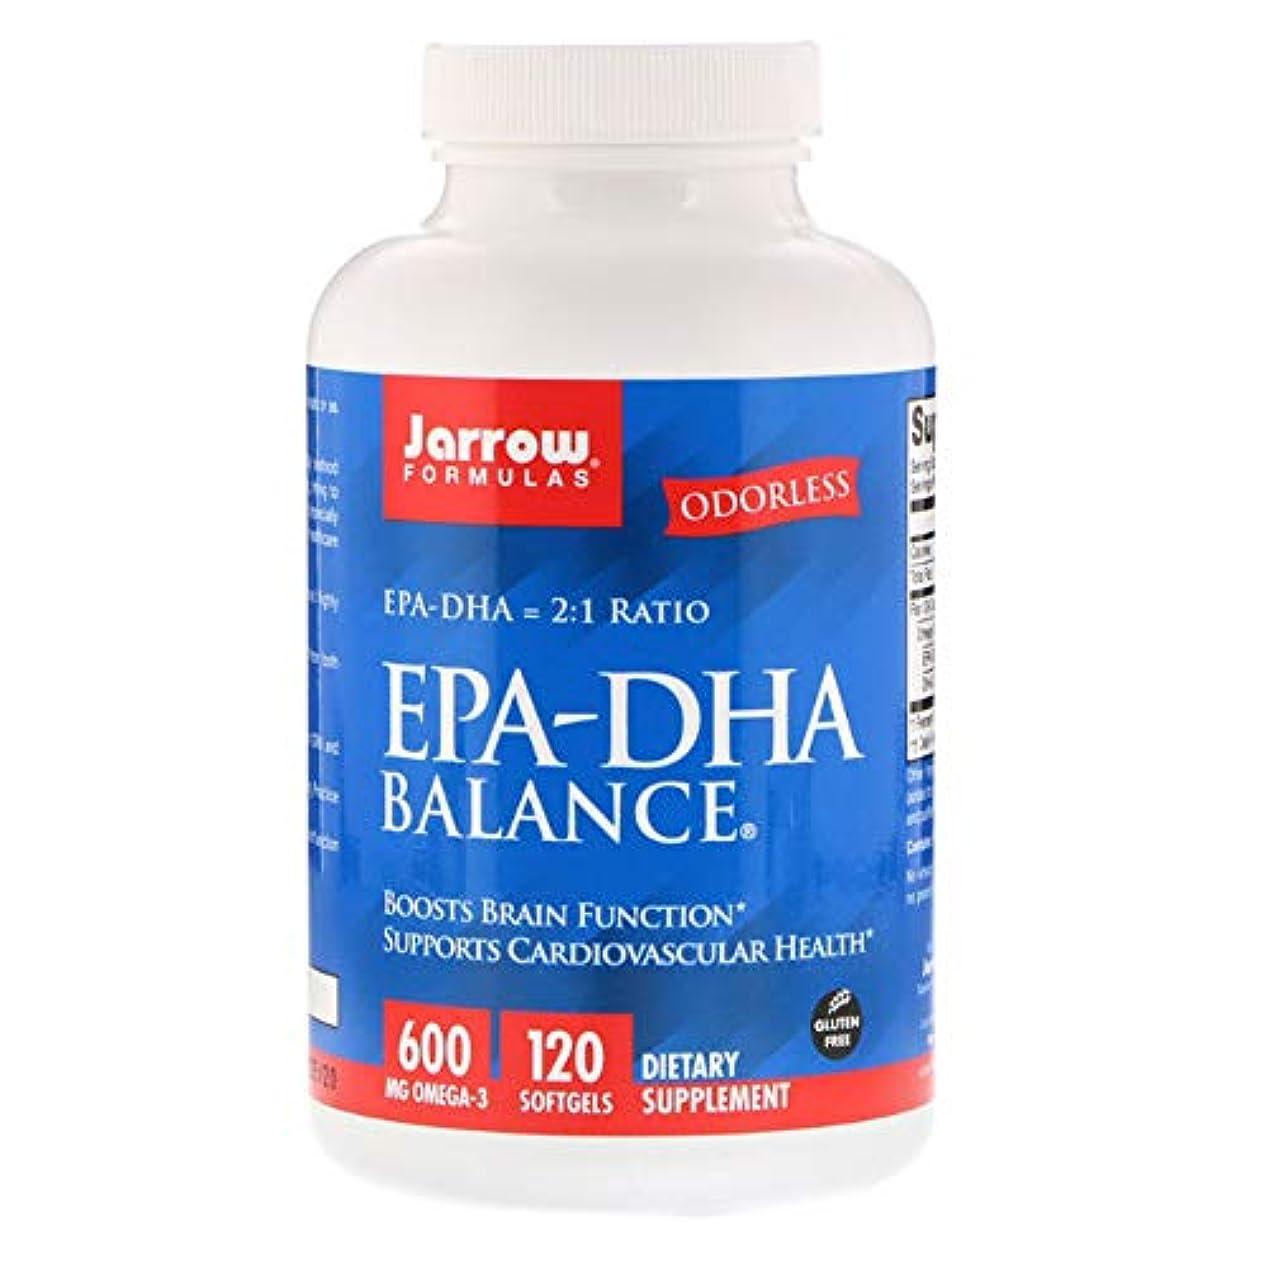 精通した弾力性のあるバーJarrow Formulas EPA DHA Balance ソフトジェル 120粒 【アメリカ直送】